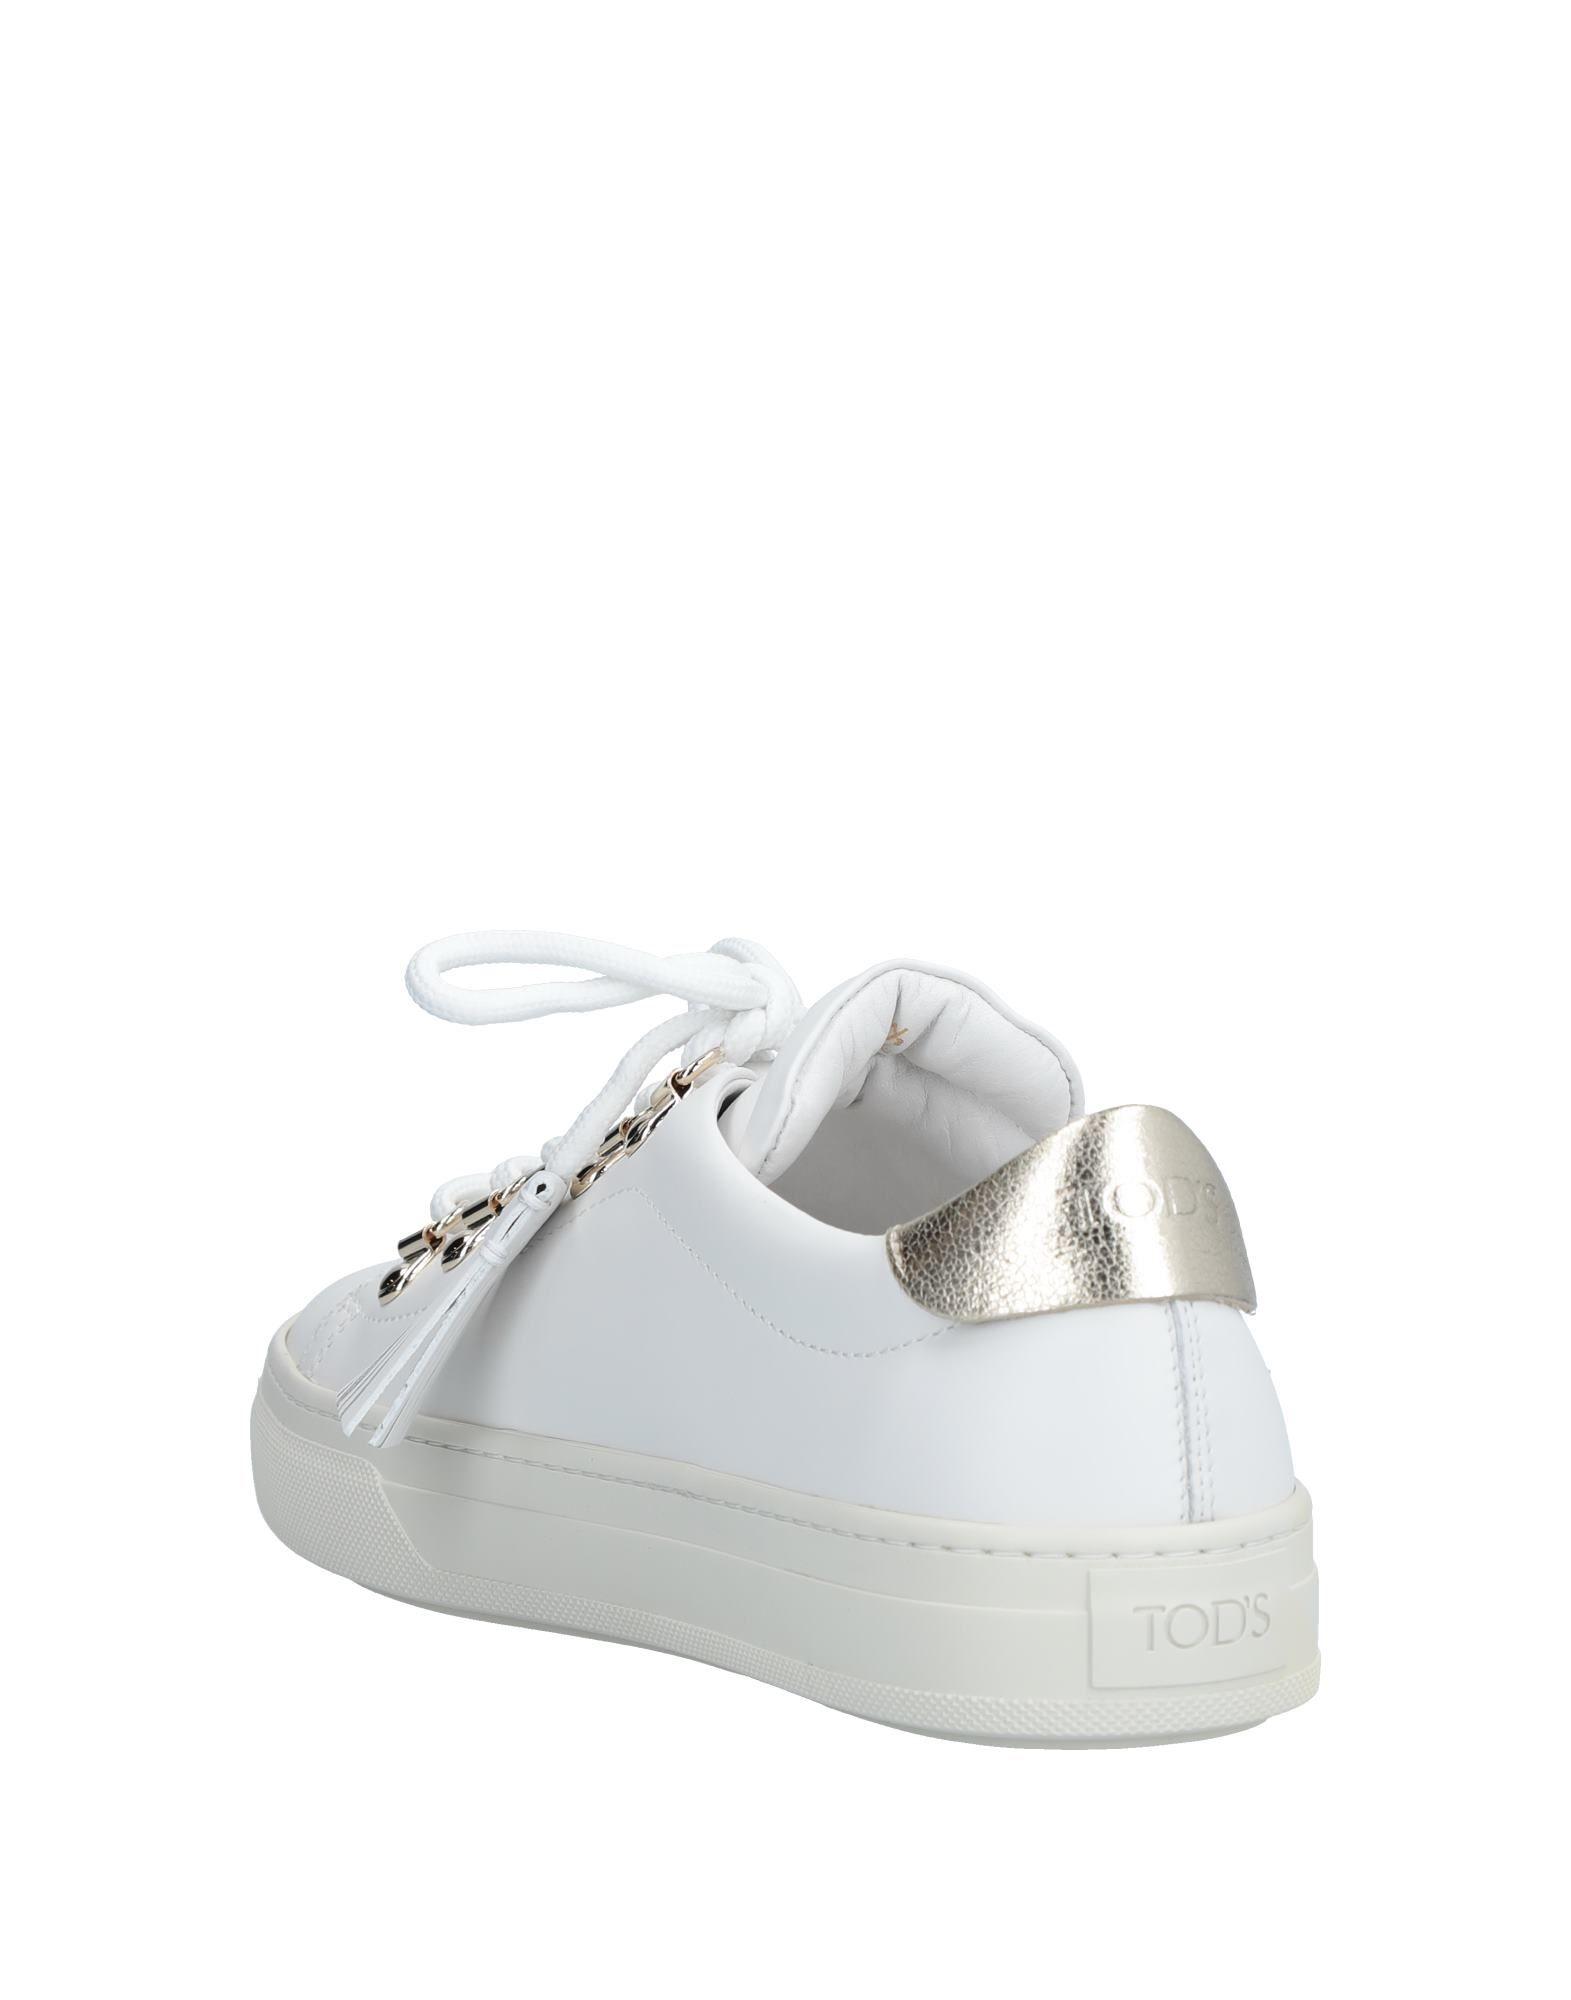 Tod's gut Sneakers Damen  11542731FAGünstige gut Tod's aussehende Schuhe 5c53cf